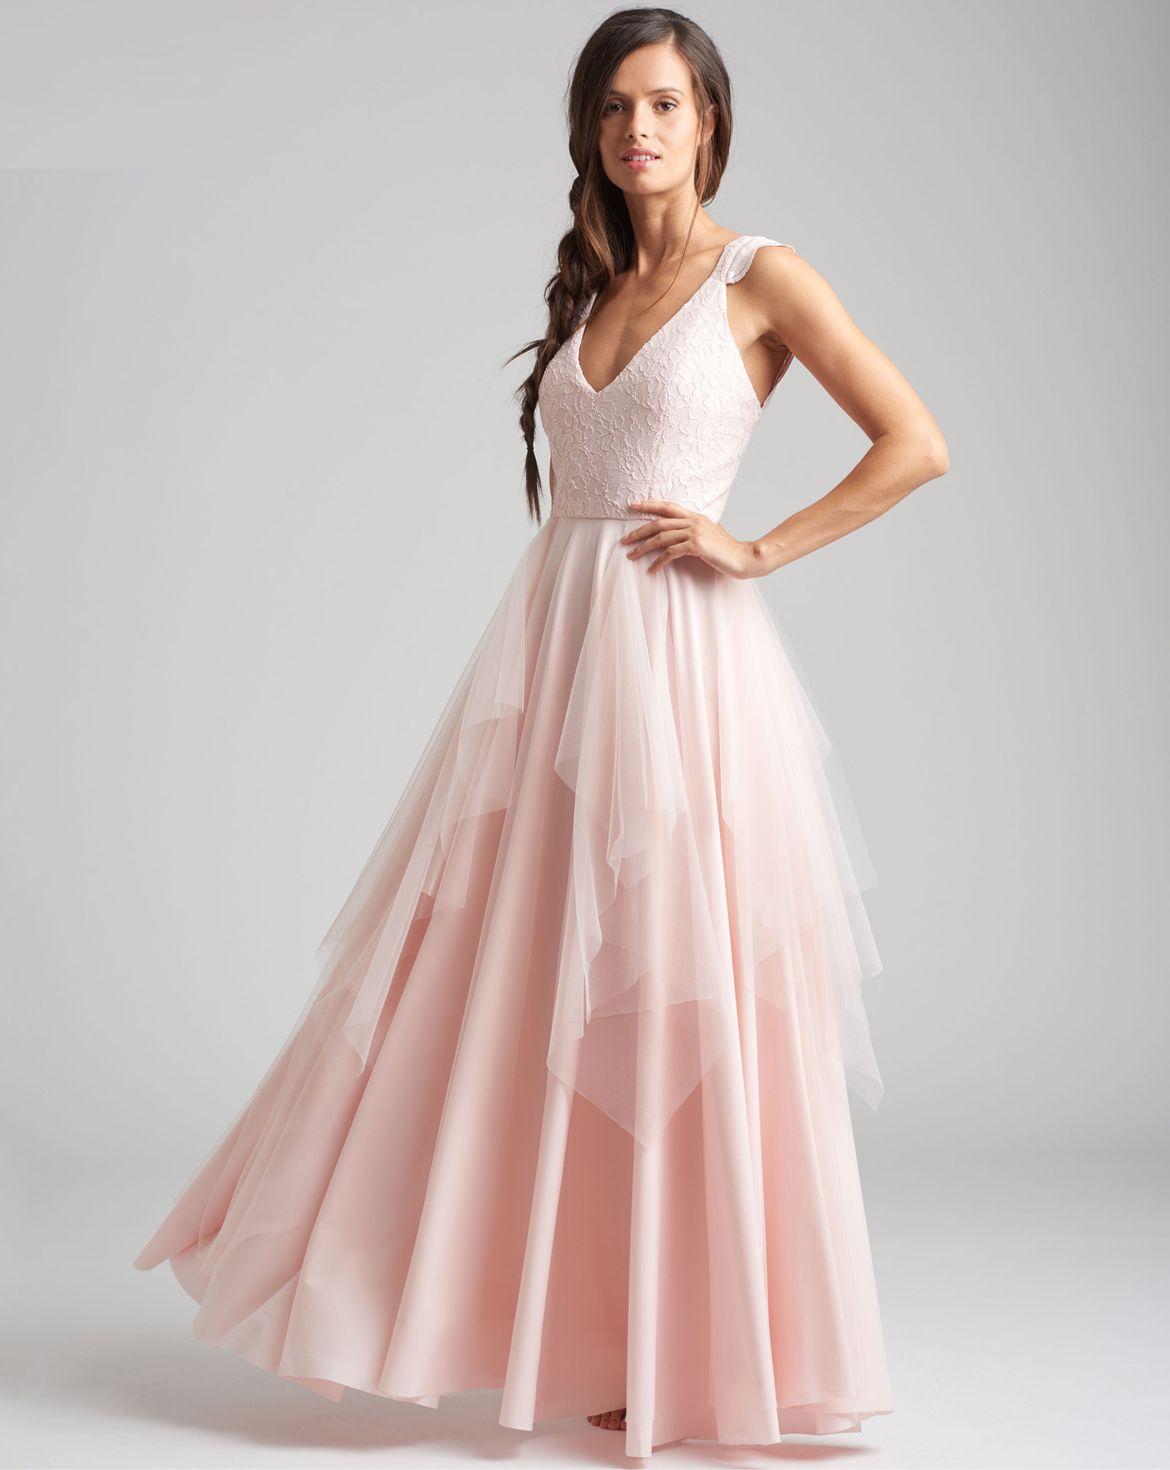 Festliche Kleider In 2020 Festliche Kleider Festliches Kleid Kleider Nach Anlassen